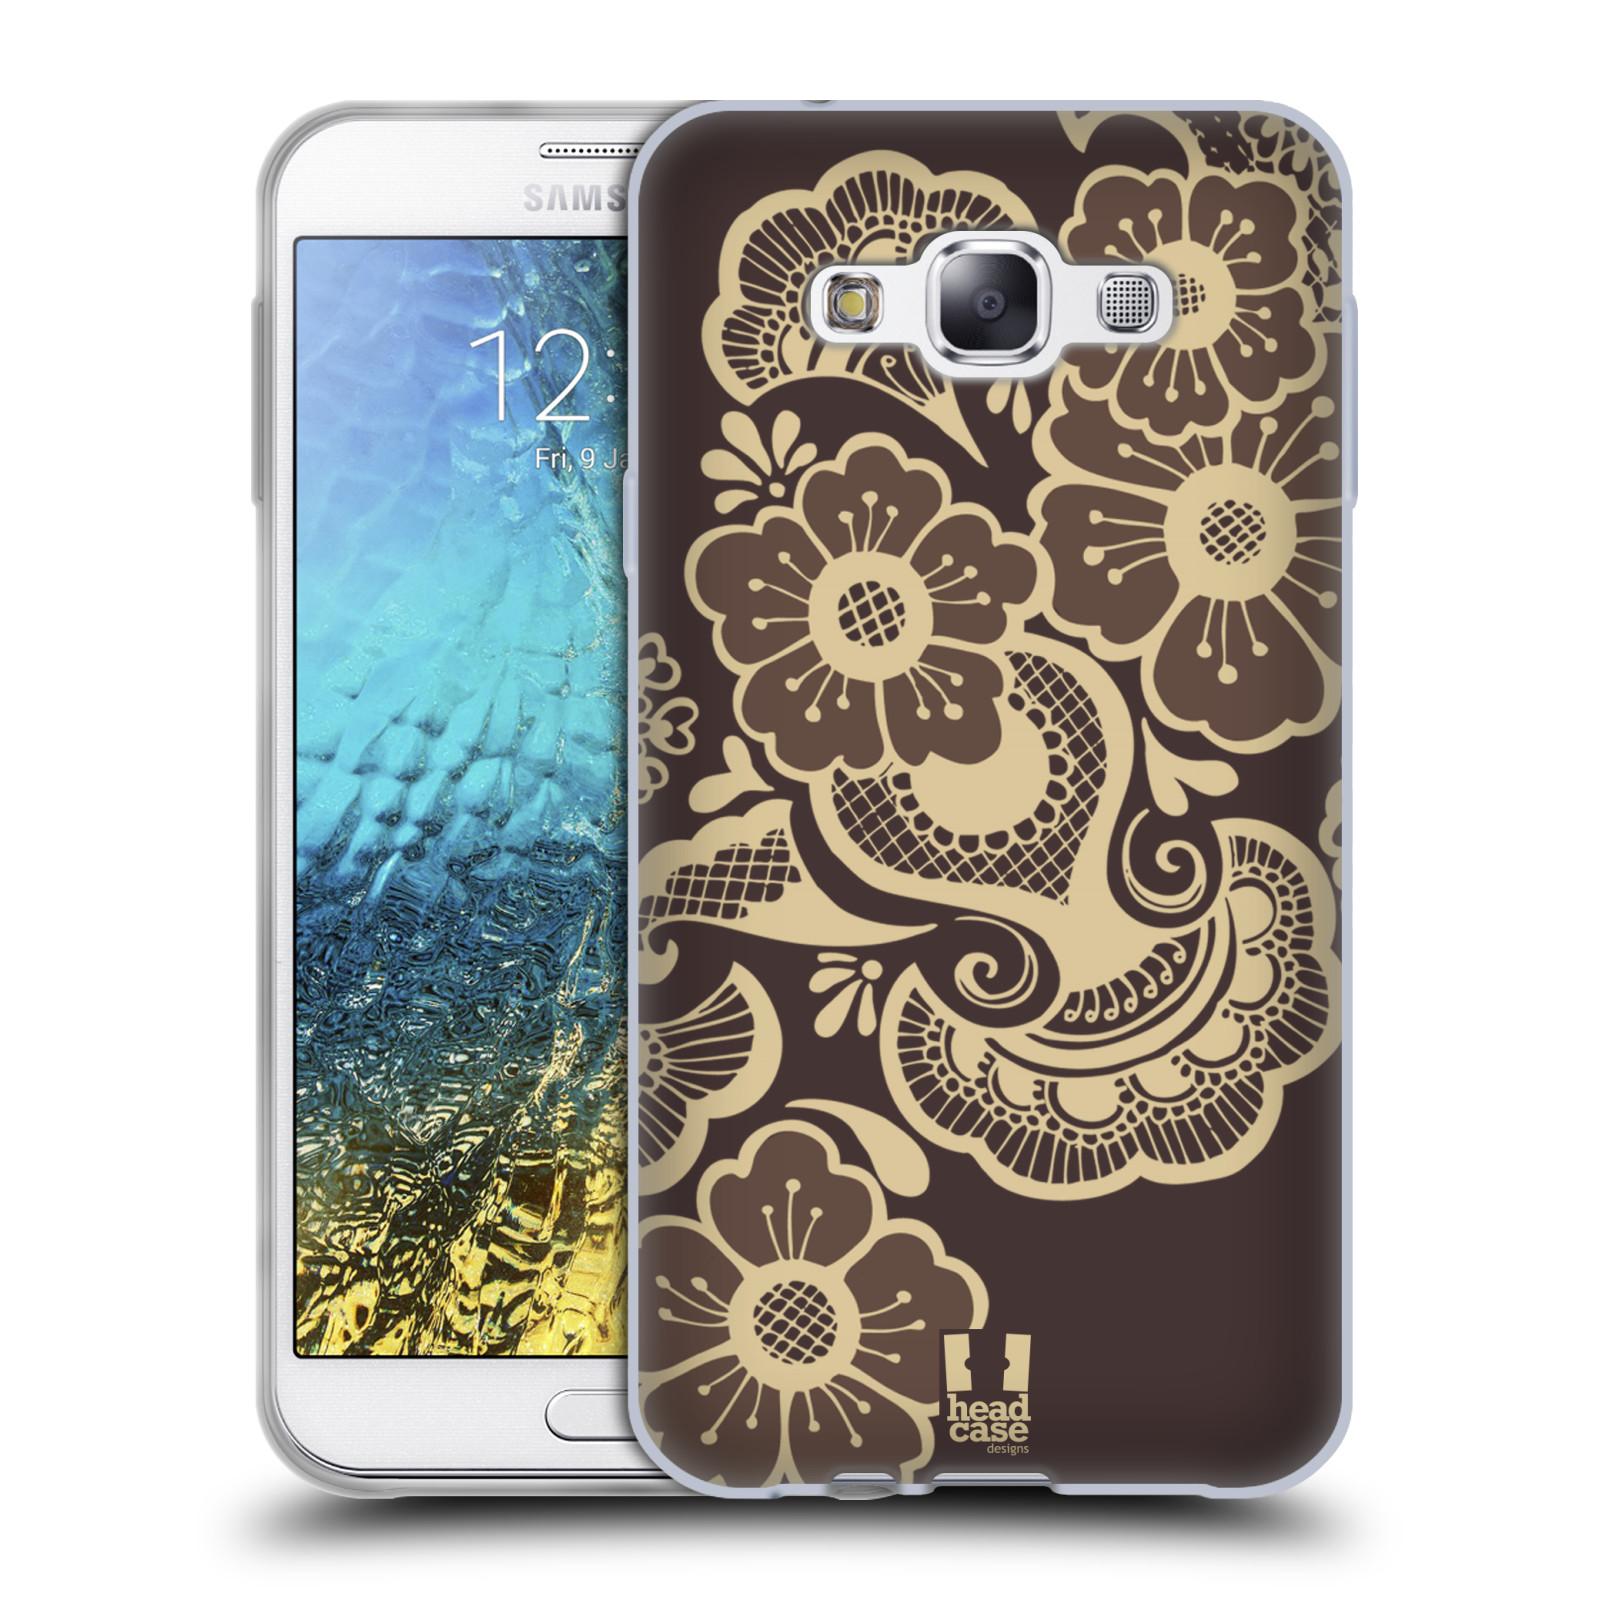 HEAD CASE DESIGNS HENNA SOFT GEL CASE FOR SAMSUNG PHONES 3